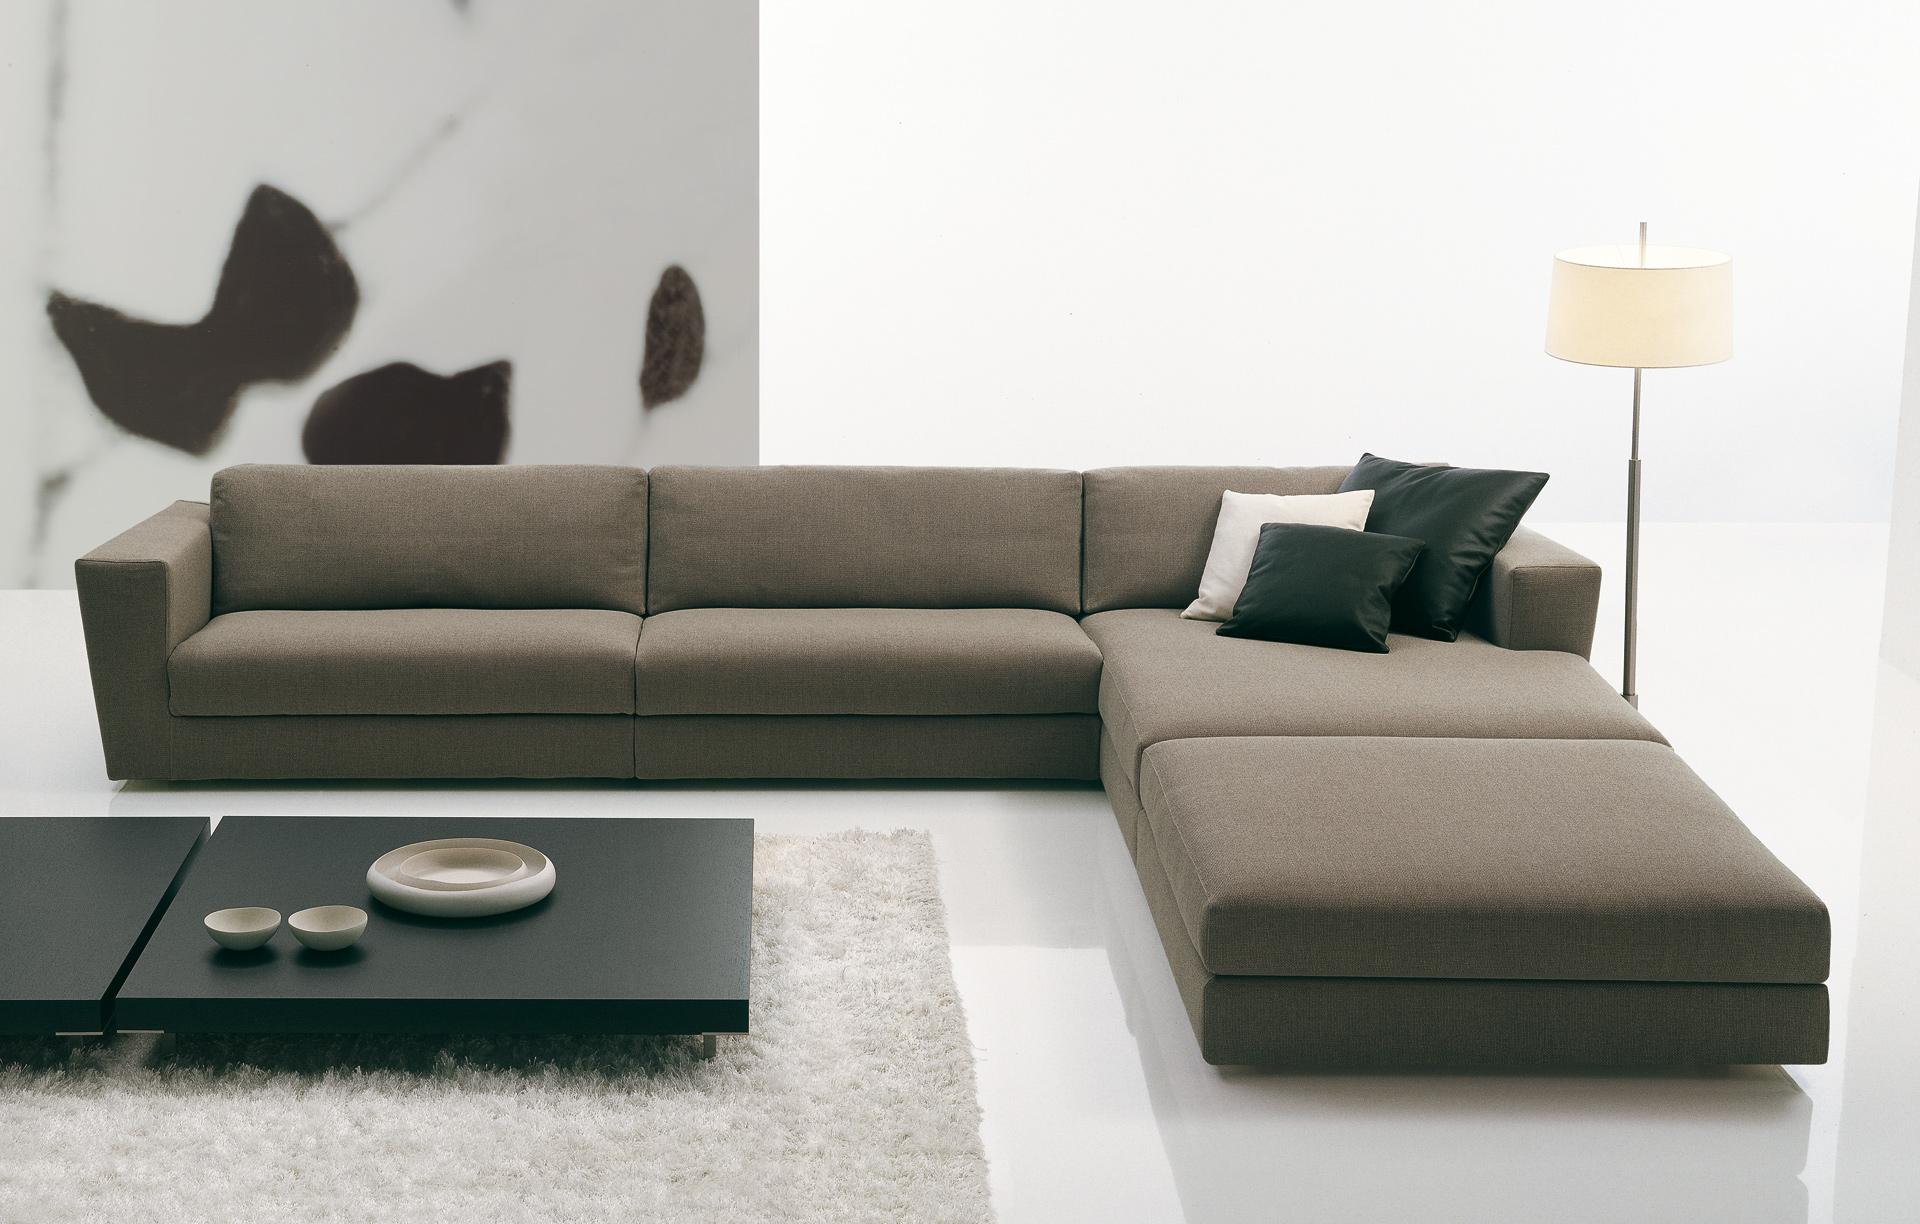 Emejing divani poliform prezzi contemporary for Dammacco arredamenti